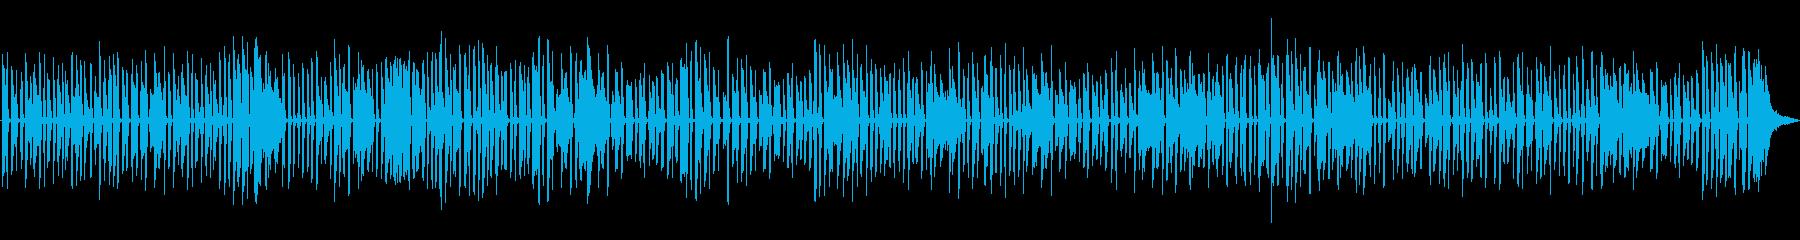 ほのぼのした古めかしいソロジャズピアノの再生済みの波形